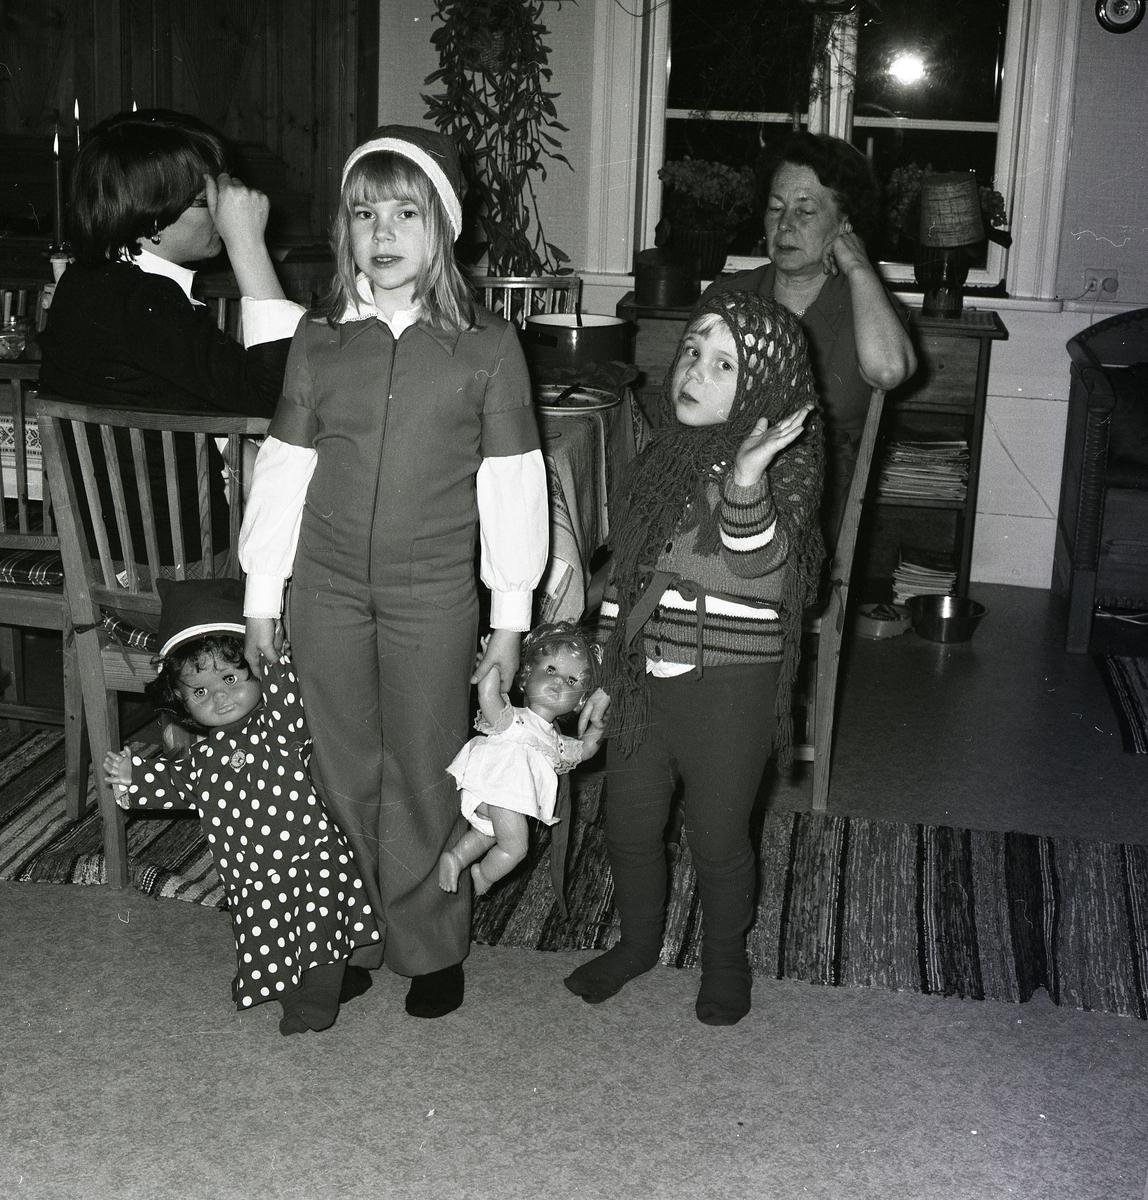 Kvinnor från flera generationers är samlade i ett rum. De äldre sitter vid bordet och samtalar med de yngre leker med två dockor i förgrunden. Flickorna är utklädda med luva och huvudduk när det fotograferas 1978 av Hilding Mickelsson.